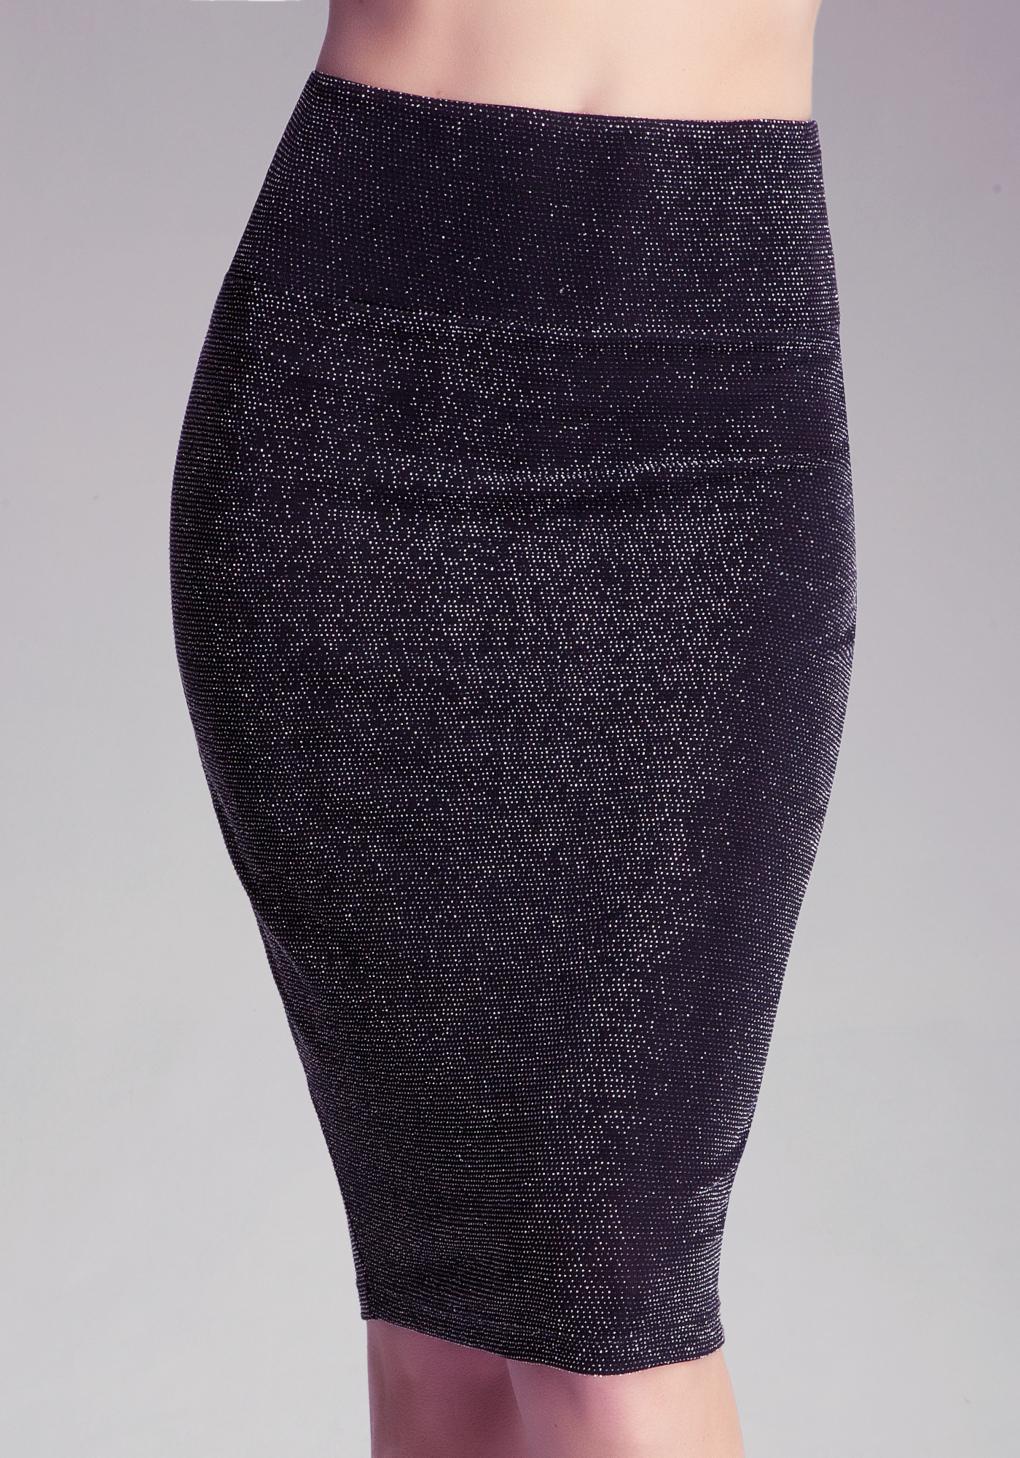 Bebe Sparkle Midi Skirt in Black | Lyst